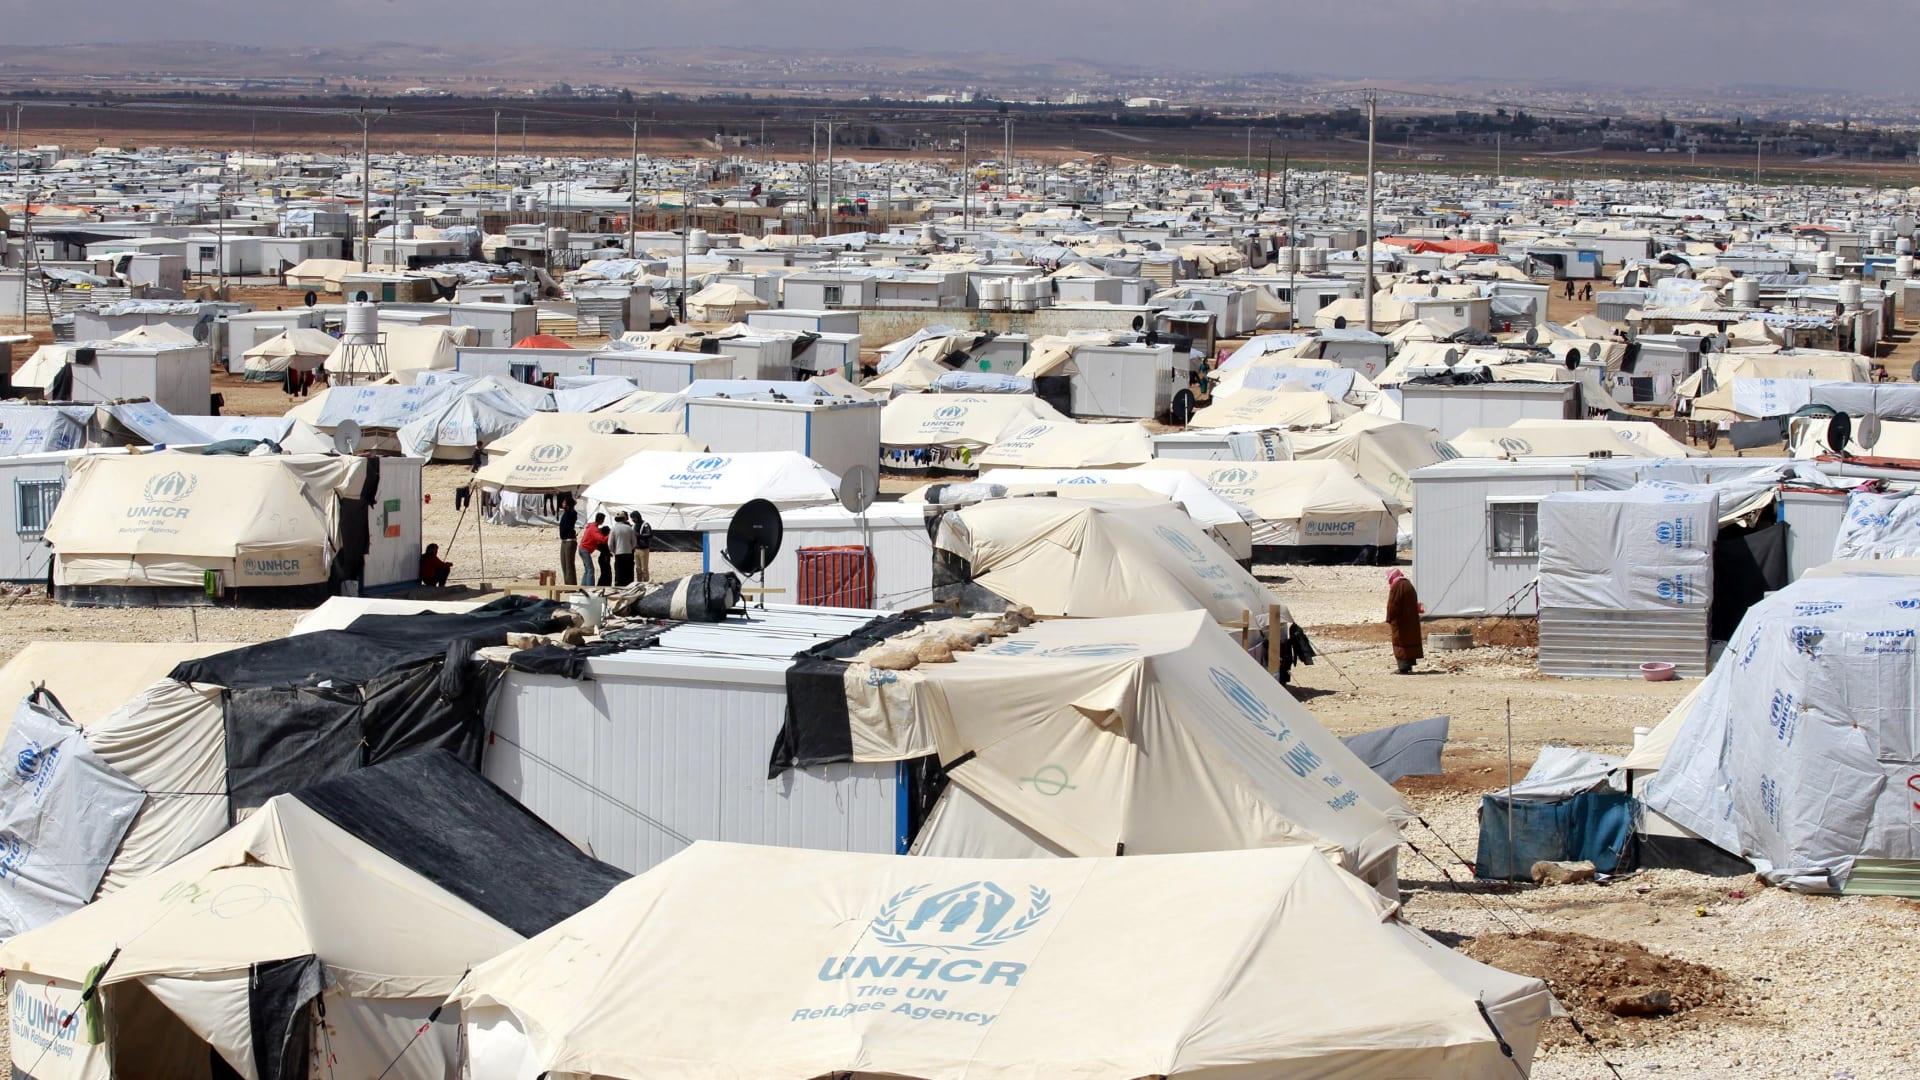 كاميرا CNN بالعربية ترصد تلقي لاجئين سوريين بمخيم الزعتري لقاح كورونا